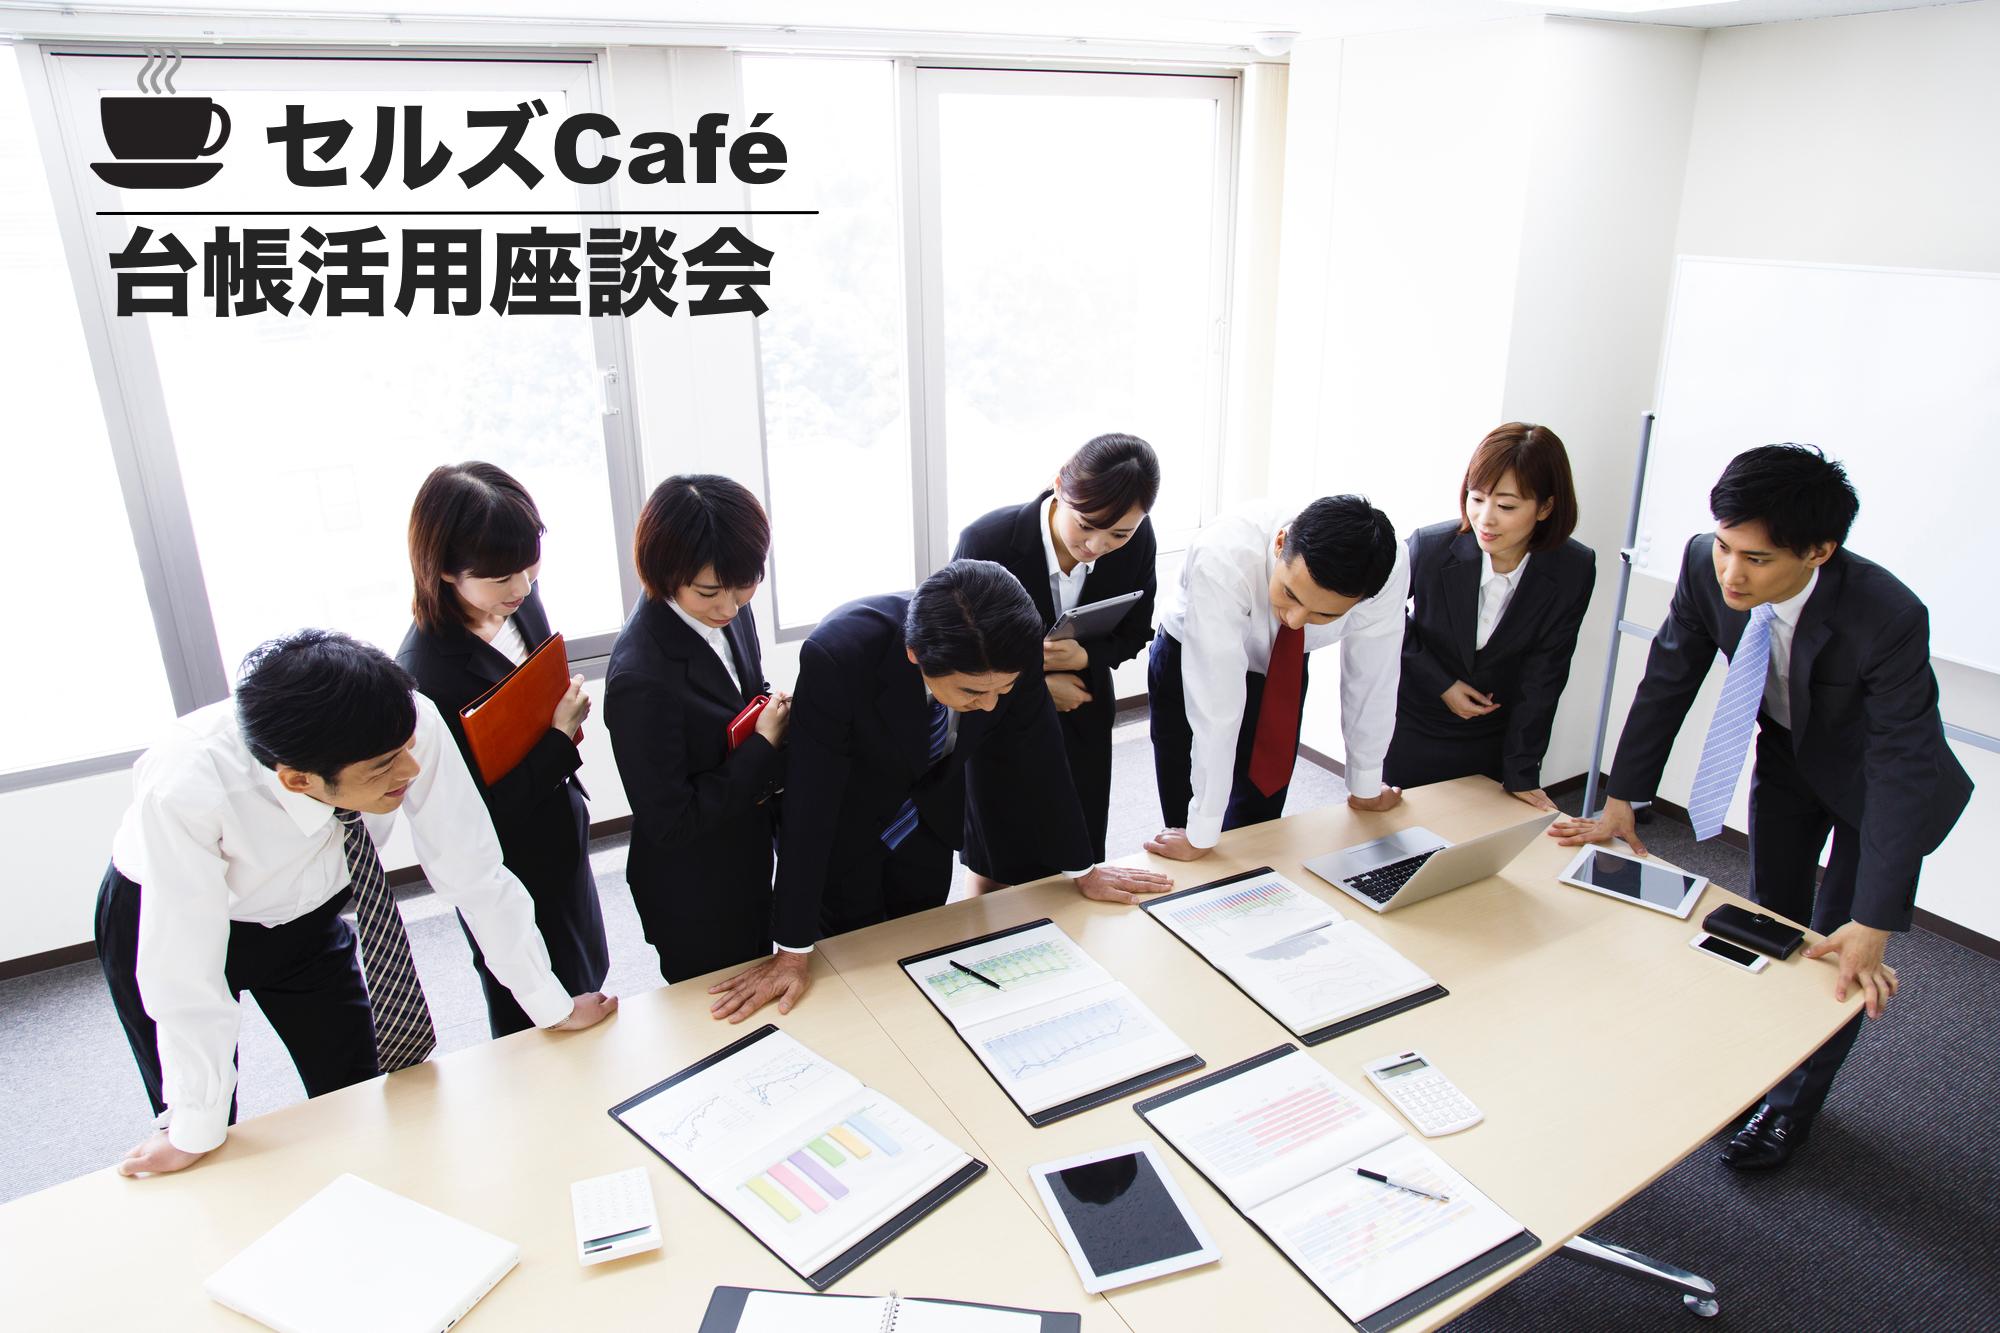 満員御礼!セルズ Café | 台帳活用座談会 【銀座店 / 名古屋伏見店】